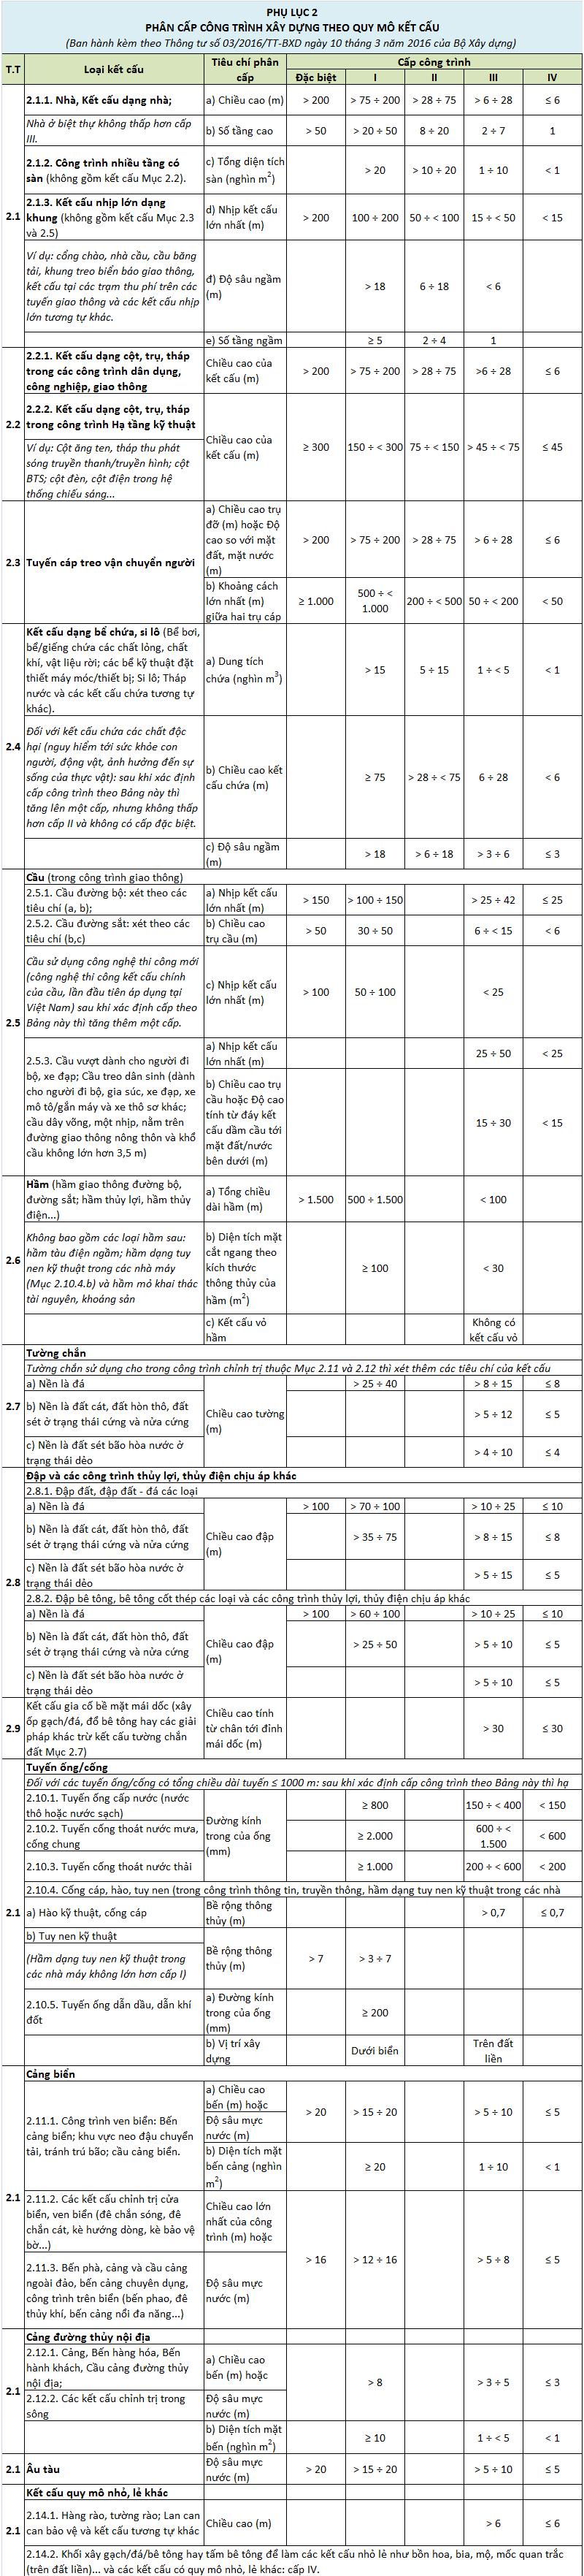 Bảng phân loại công trình xây dựng theo quy mô kết cấu